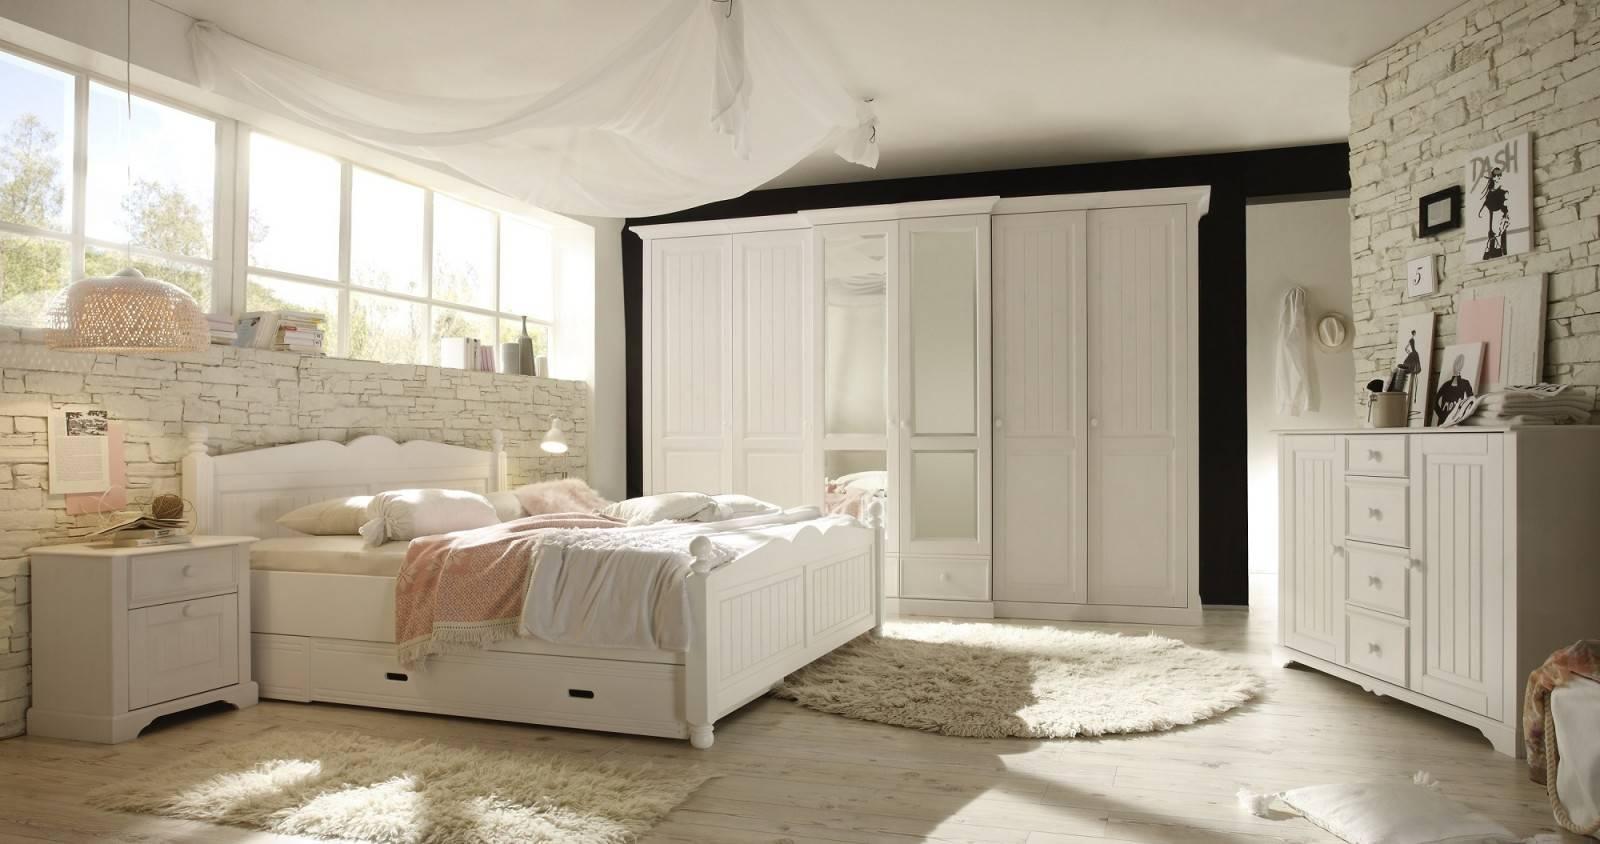 Классические двухъярусные кровати из дерева